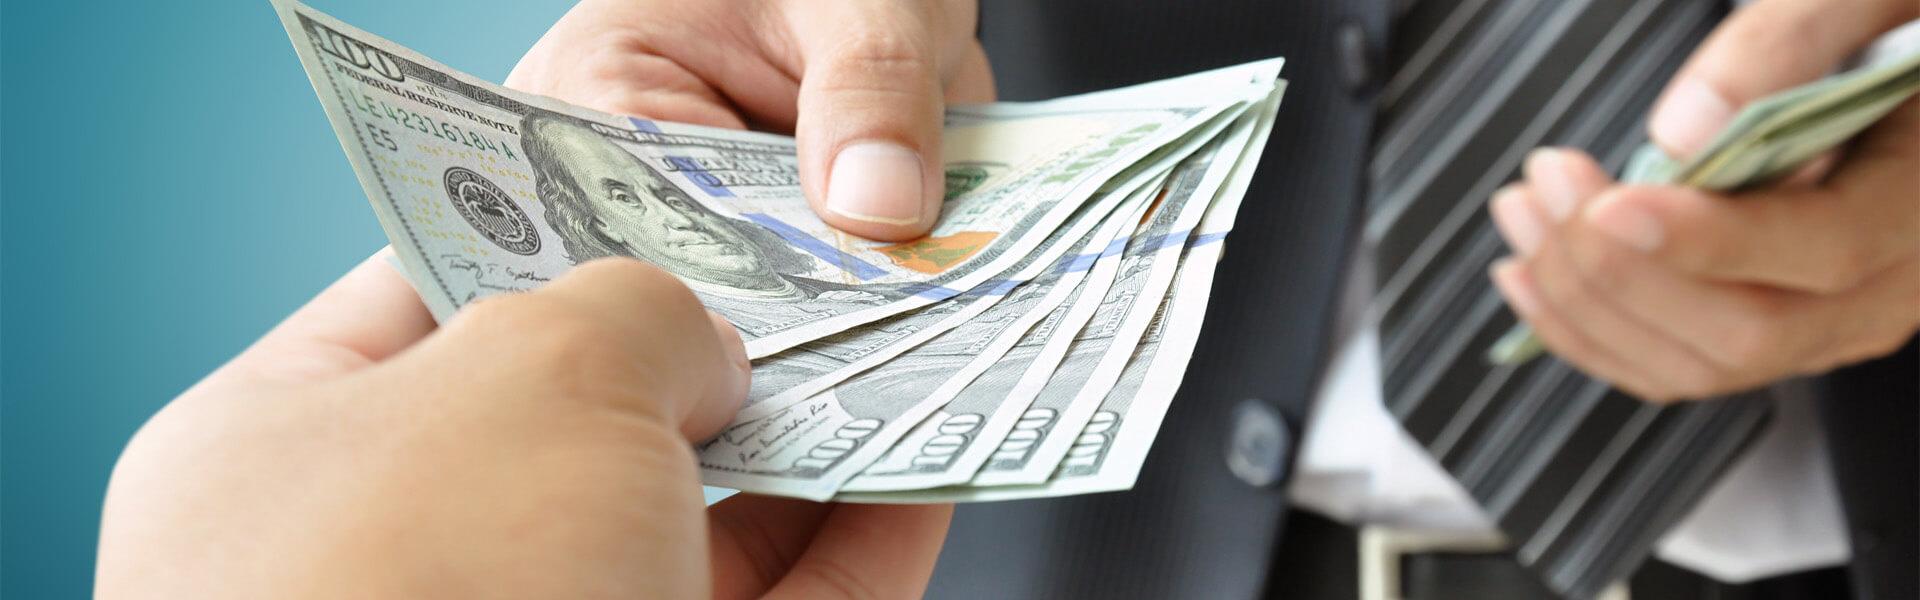 Viajar com dinheiro ou cartão?